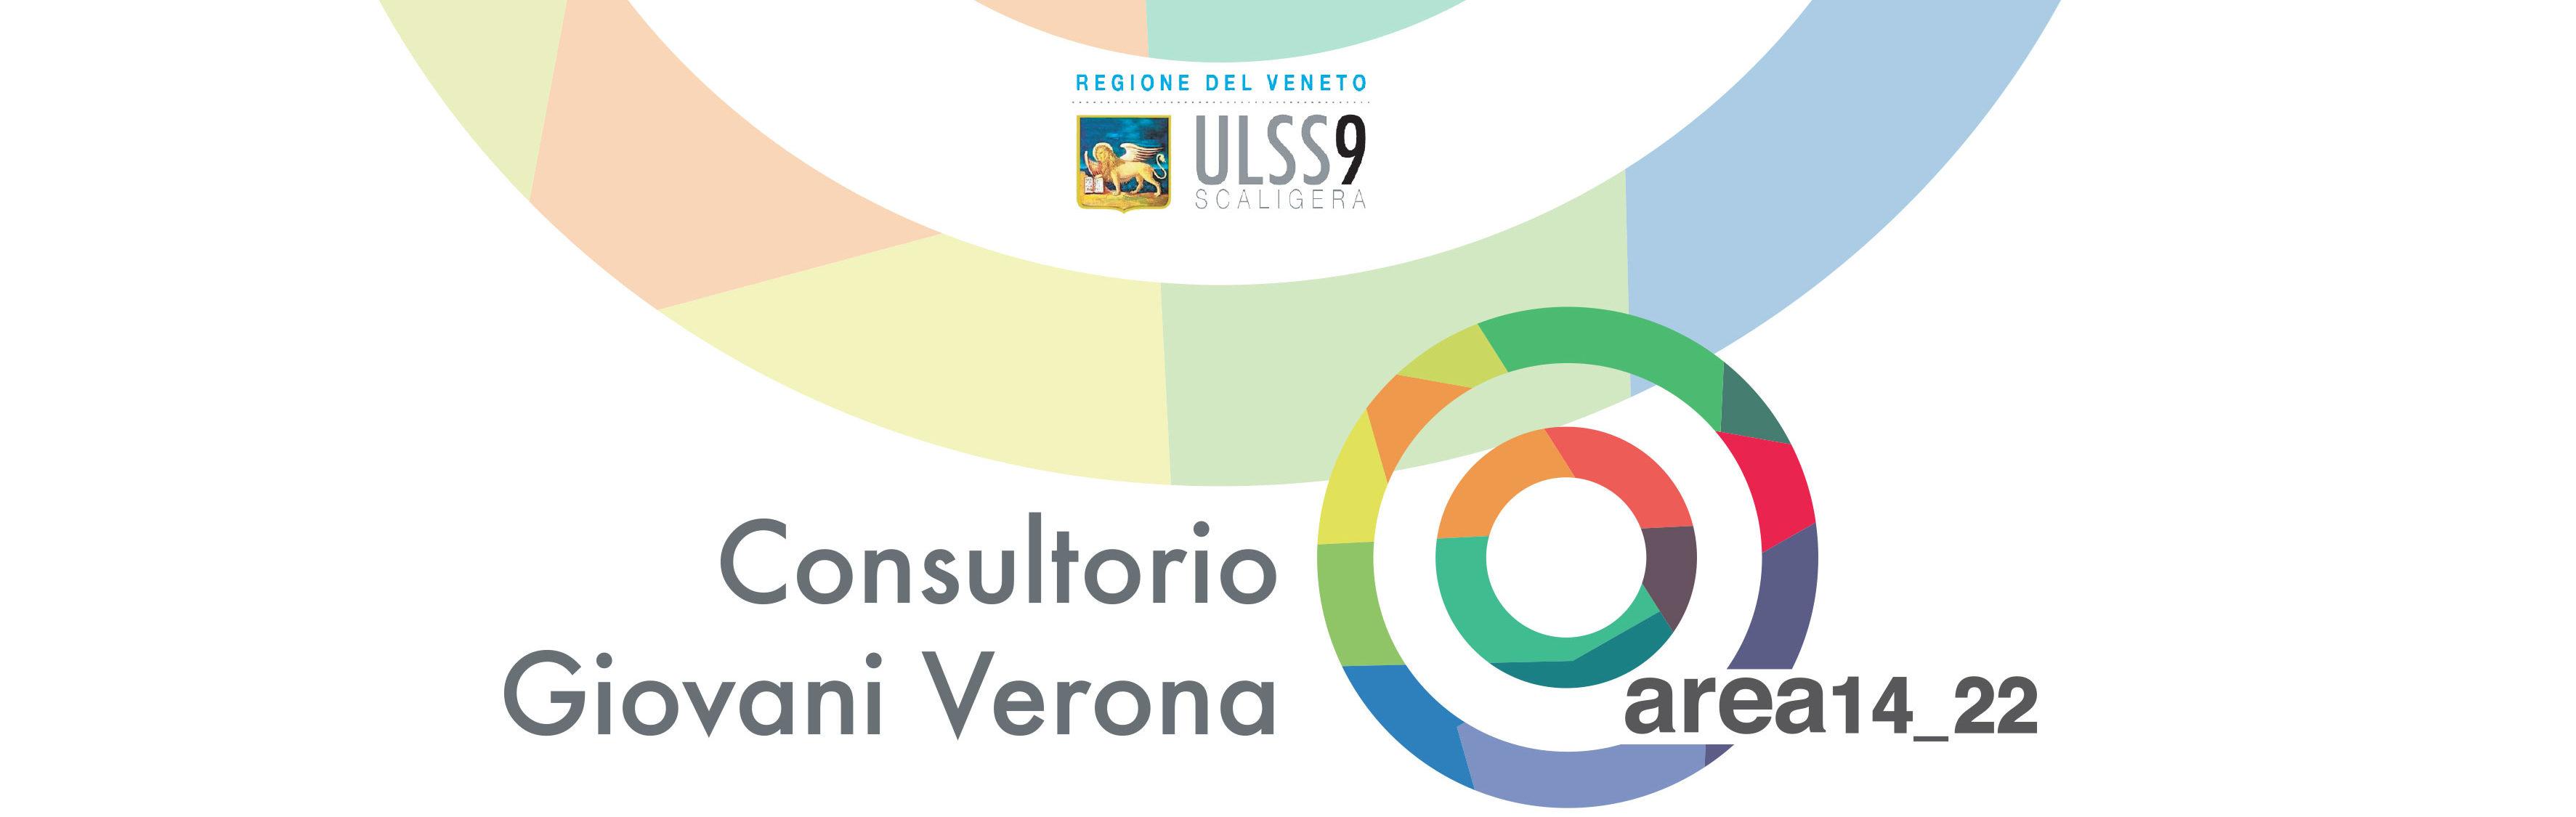 Consultorio Giovani Verona